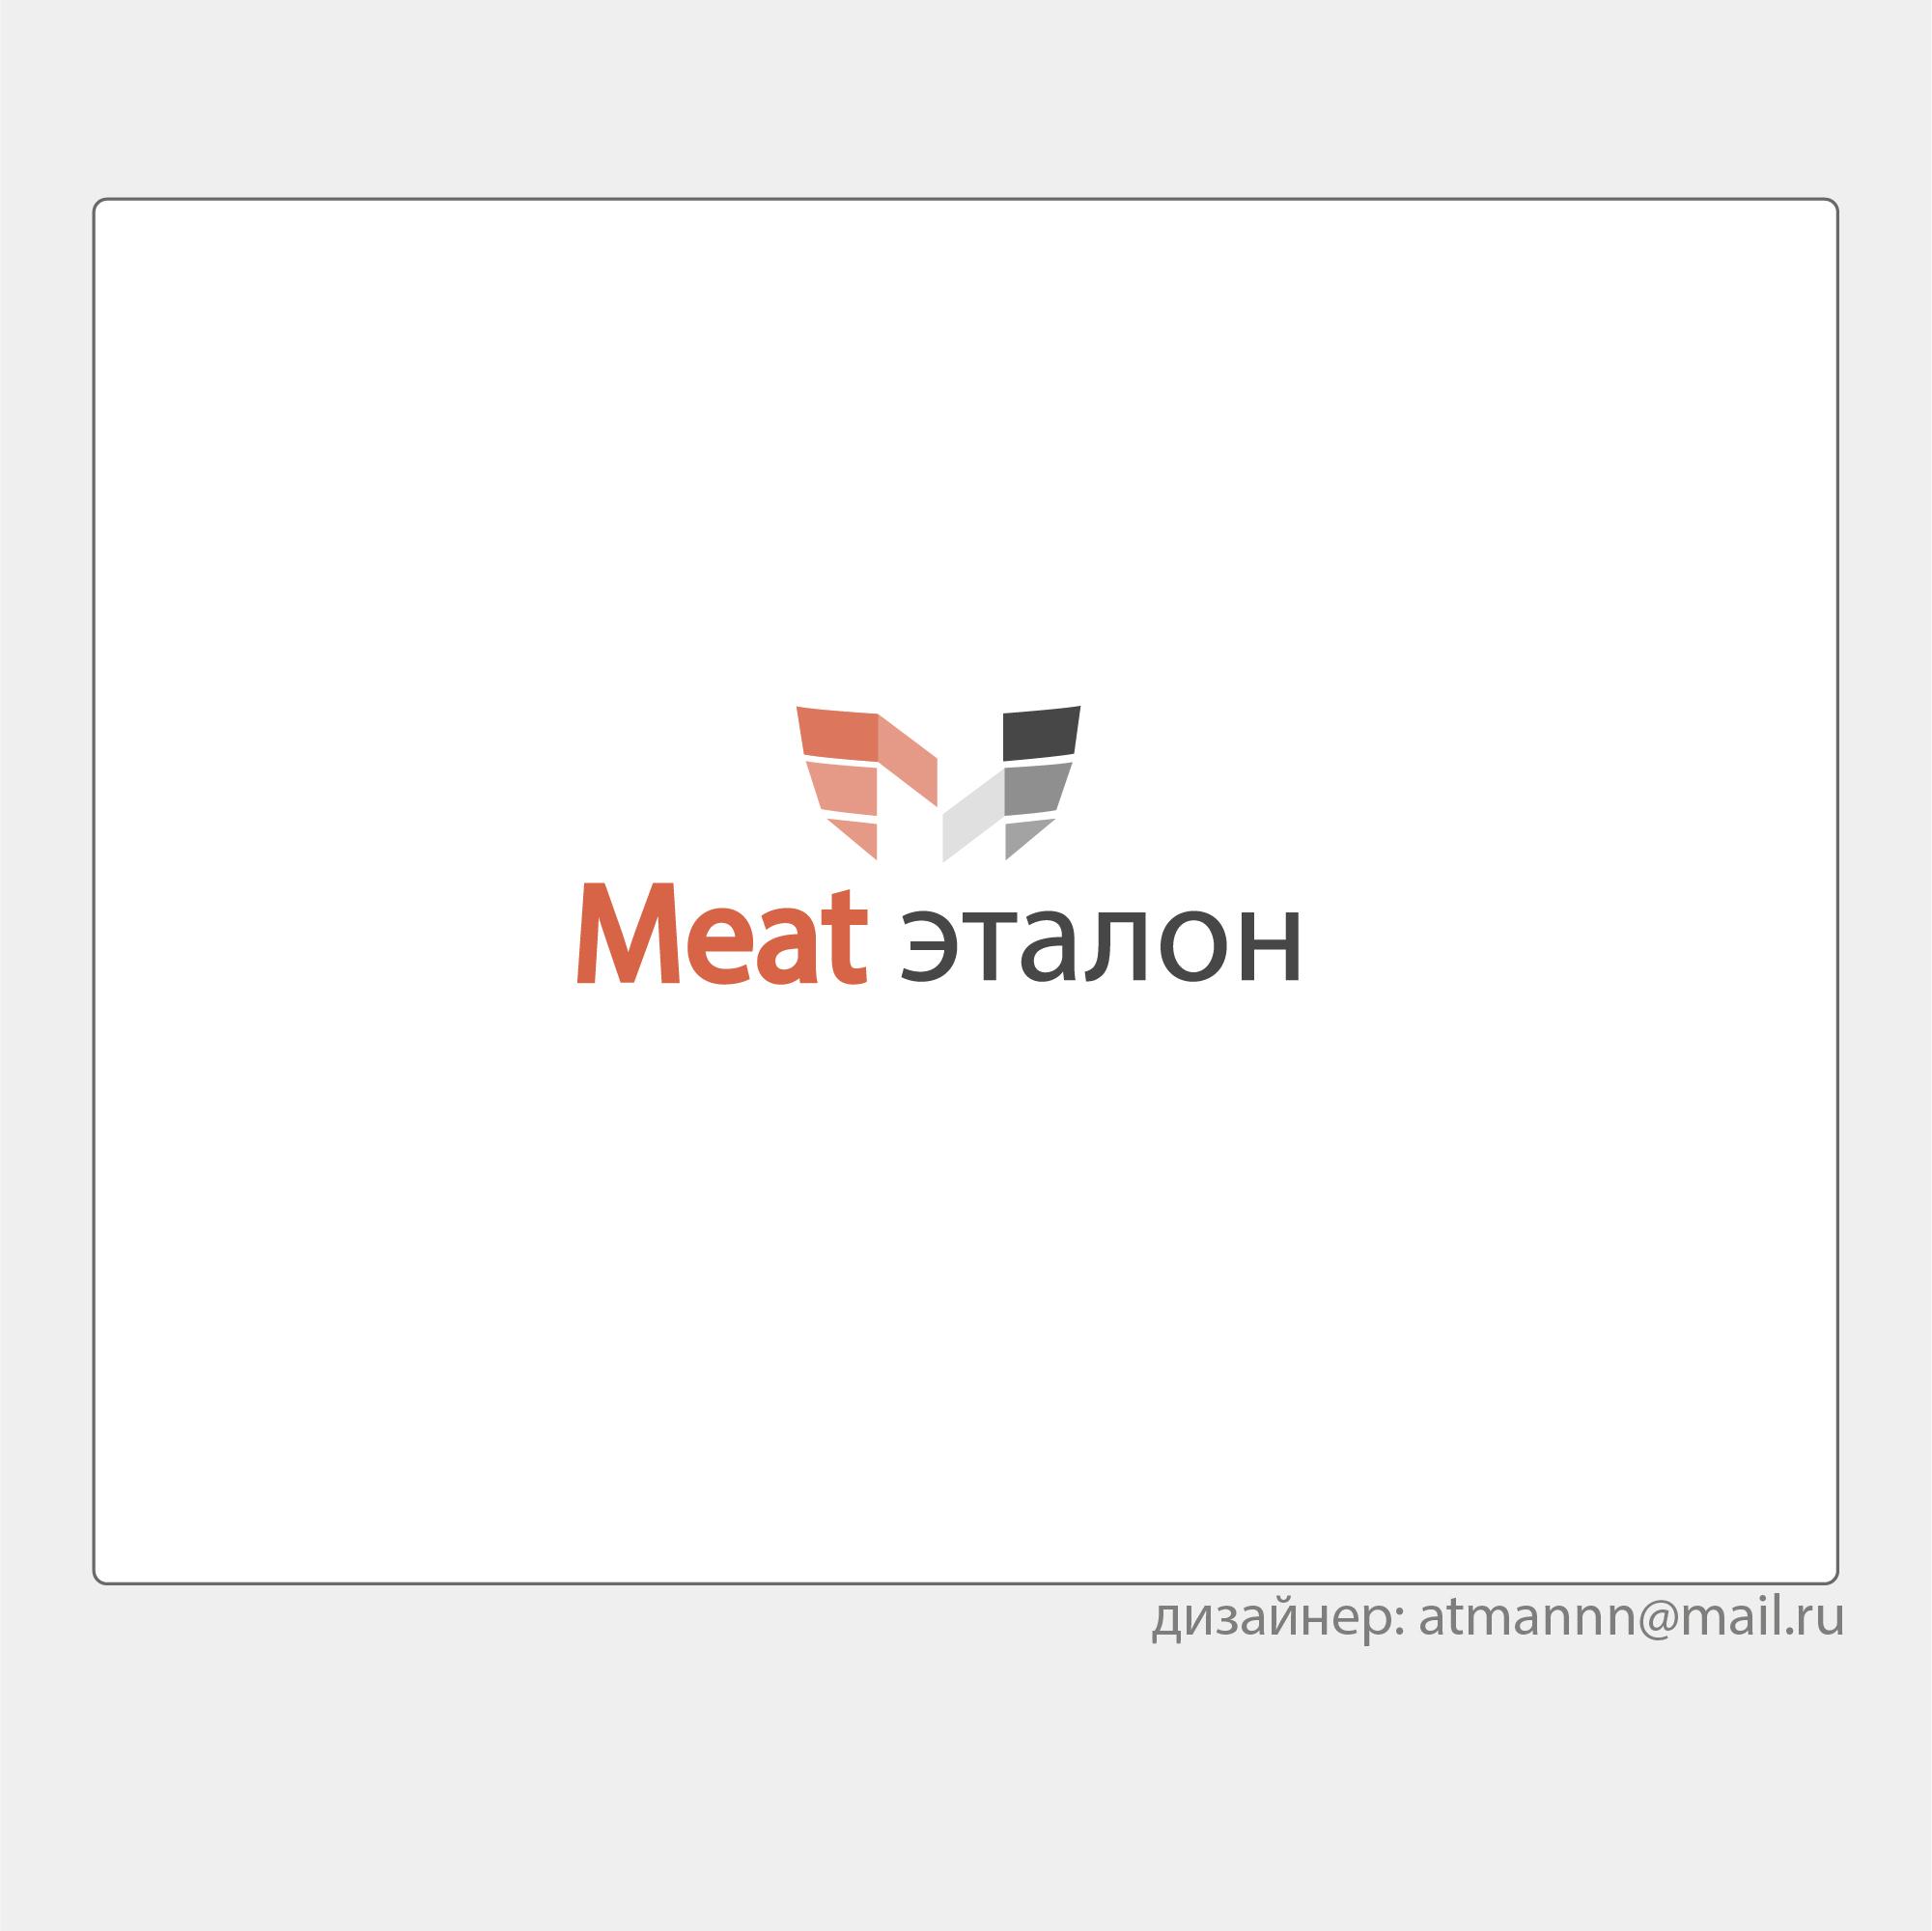 Логотип компании «Meat эталон» фото f_8265701349306b46.jpg